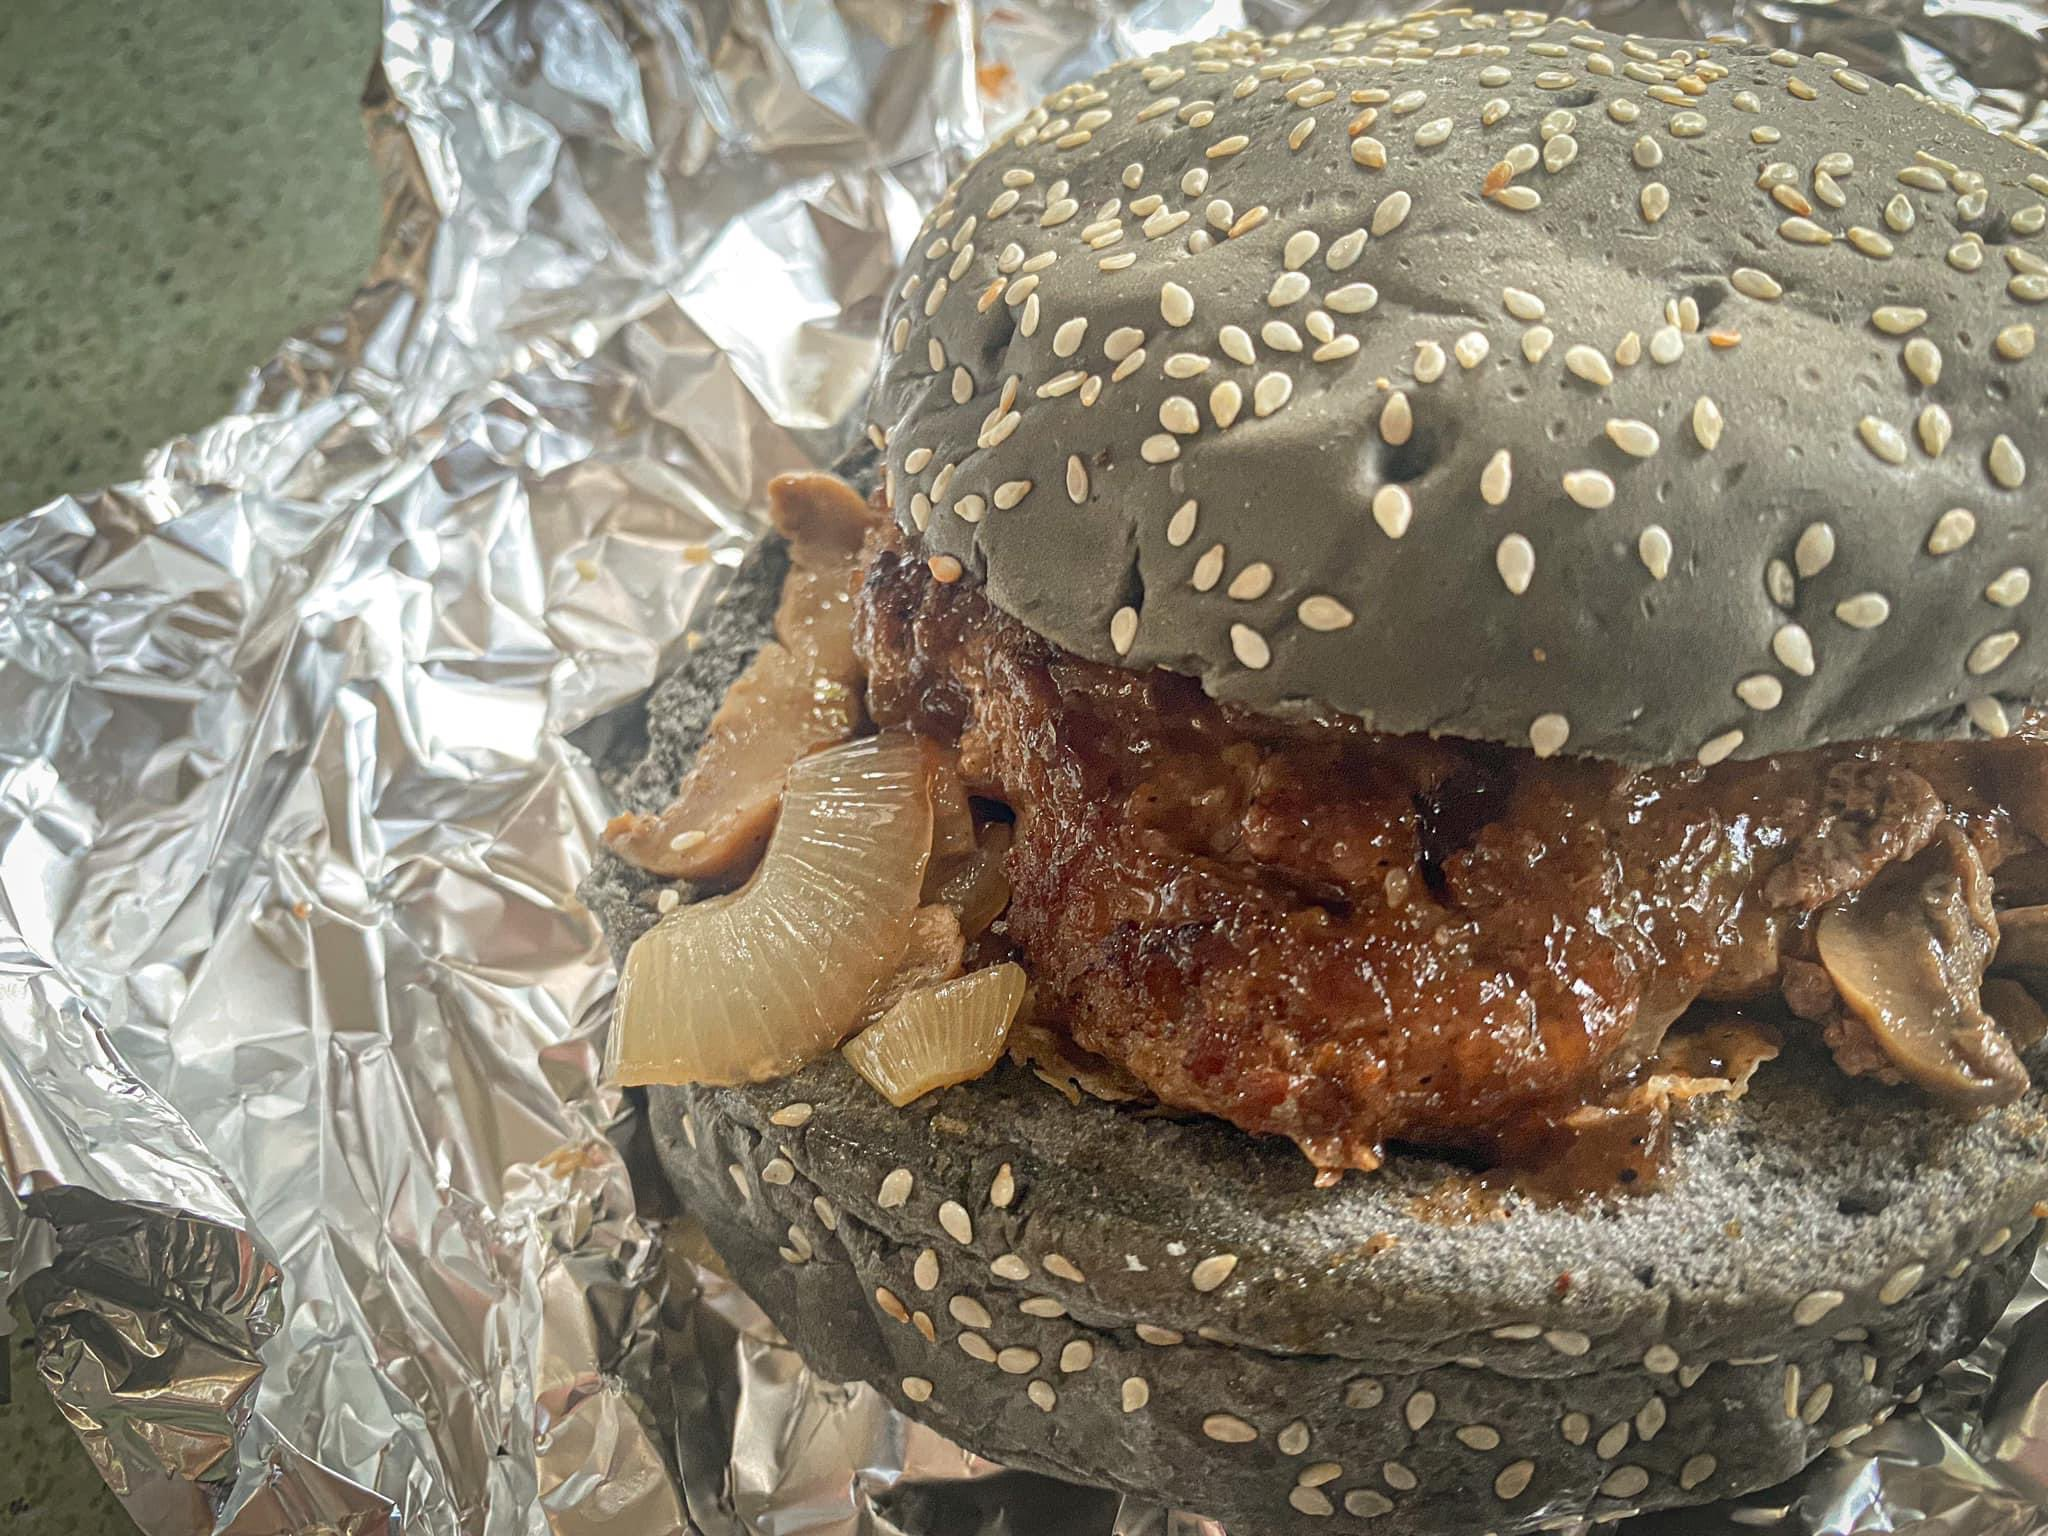 Big Black and Cheesy Burger